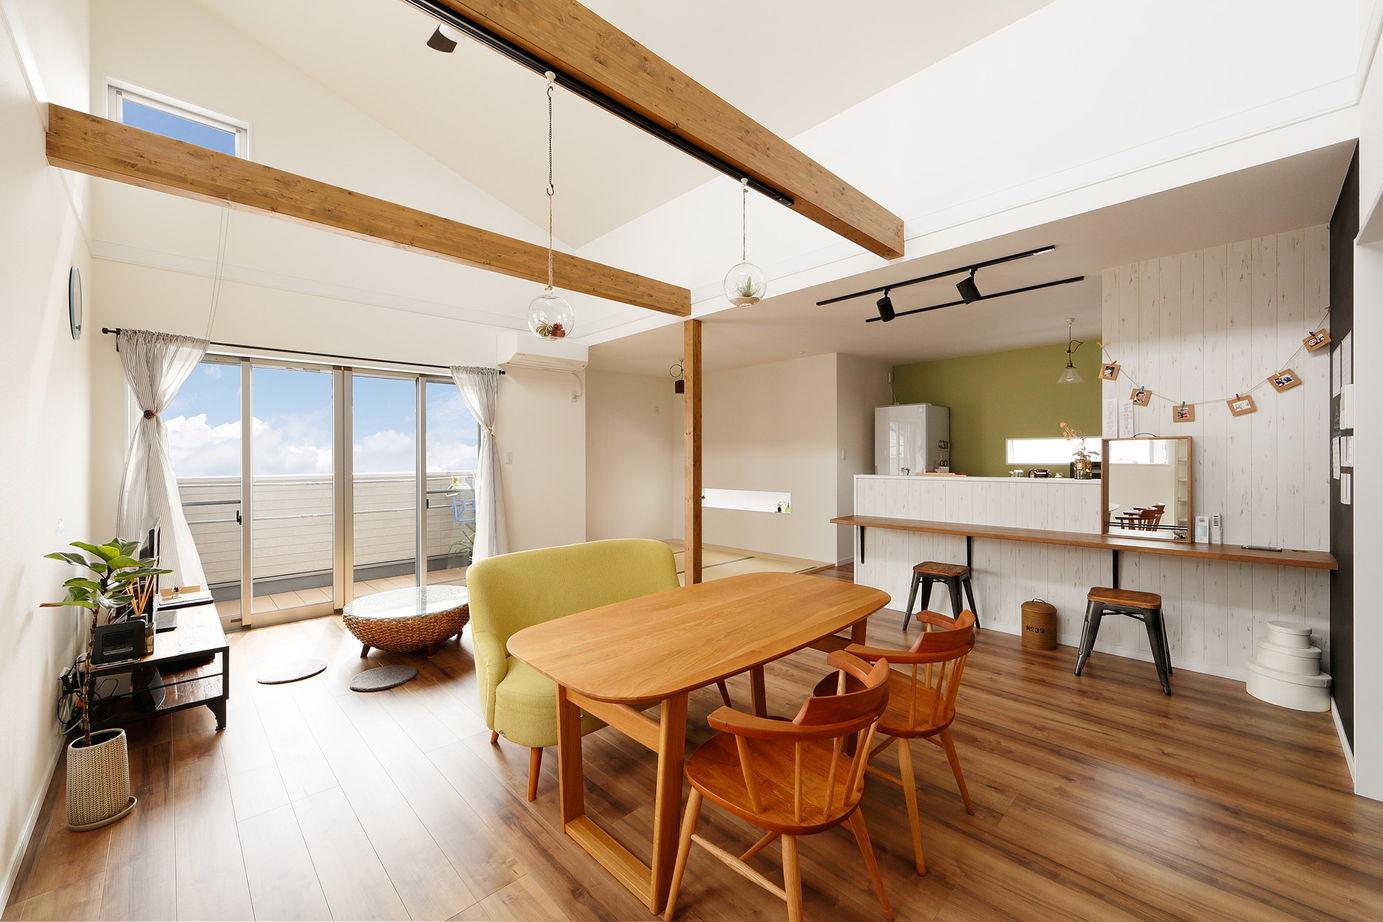 マンションもかなりの価格。それなら一戸建ては?から始まった、土地とセットで叶えた北欧カフェテイスト画像3